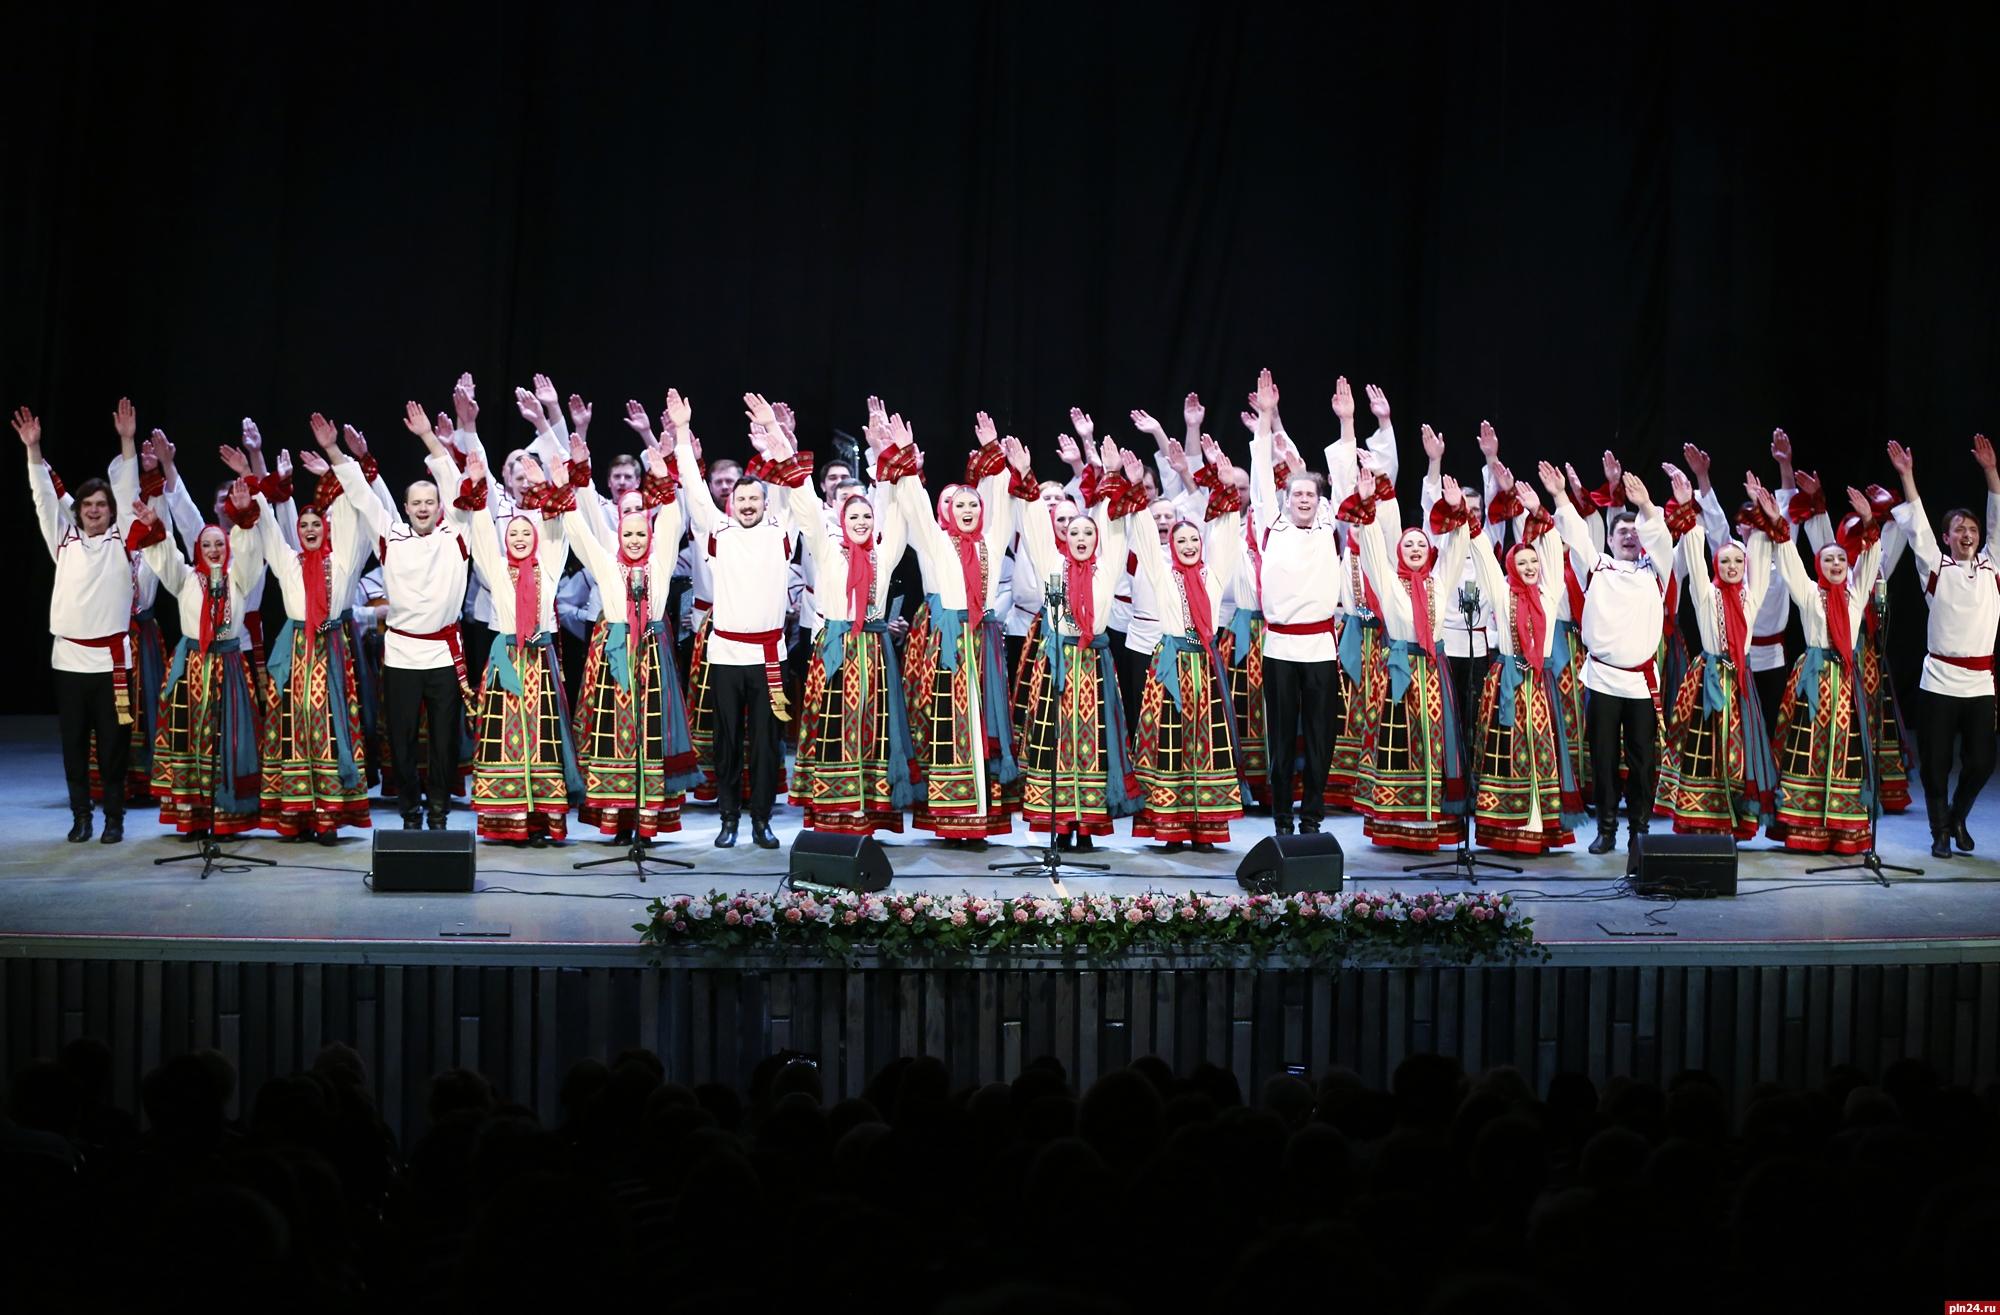 создает русский народный хор имени пятницкого картинки сказать, что